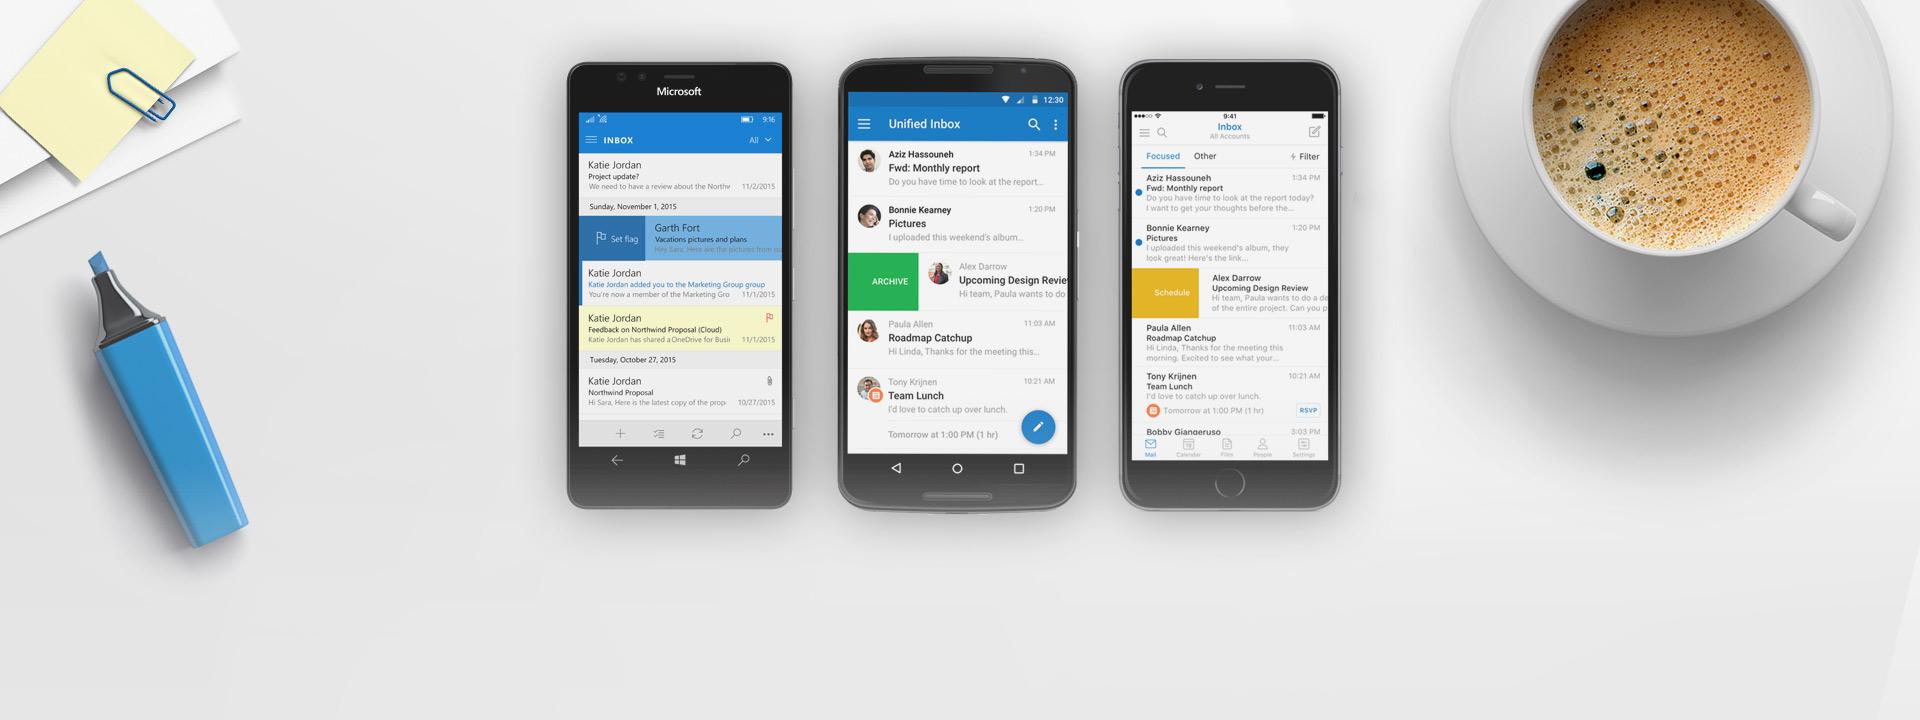 מכשירי טלפון מסוג Windows Phone, iPhone ו- Android עם אפליקציית Outlook על המסך